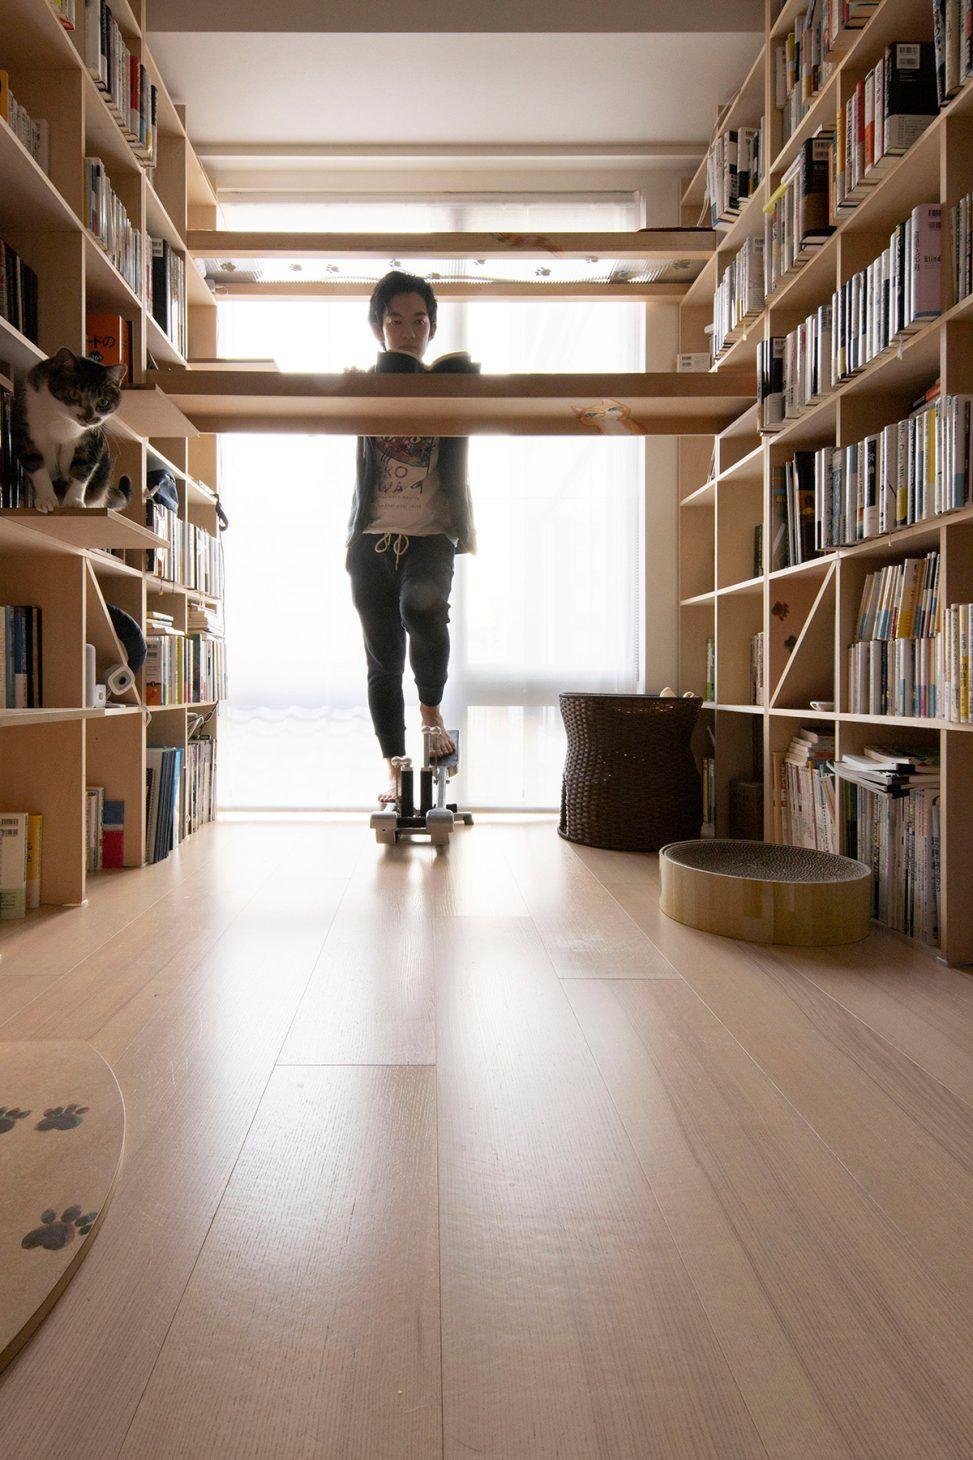 メンタリストdaigoさんの本棚 No 05 2020 本棚 部屋 メンタリスト